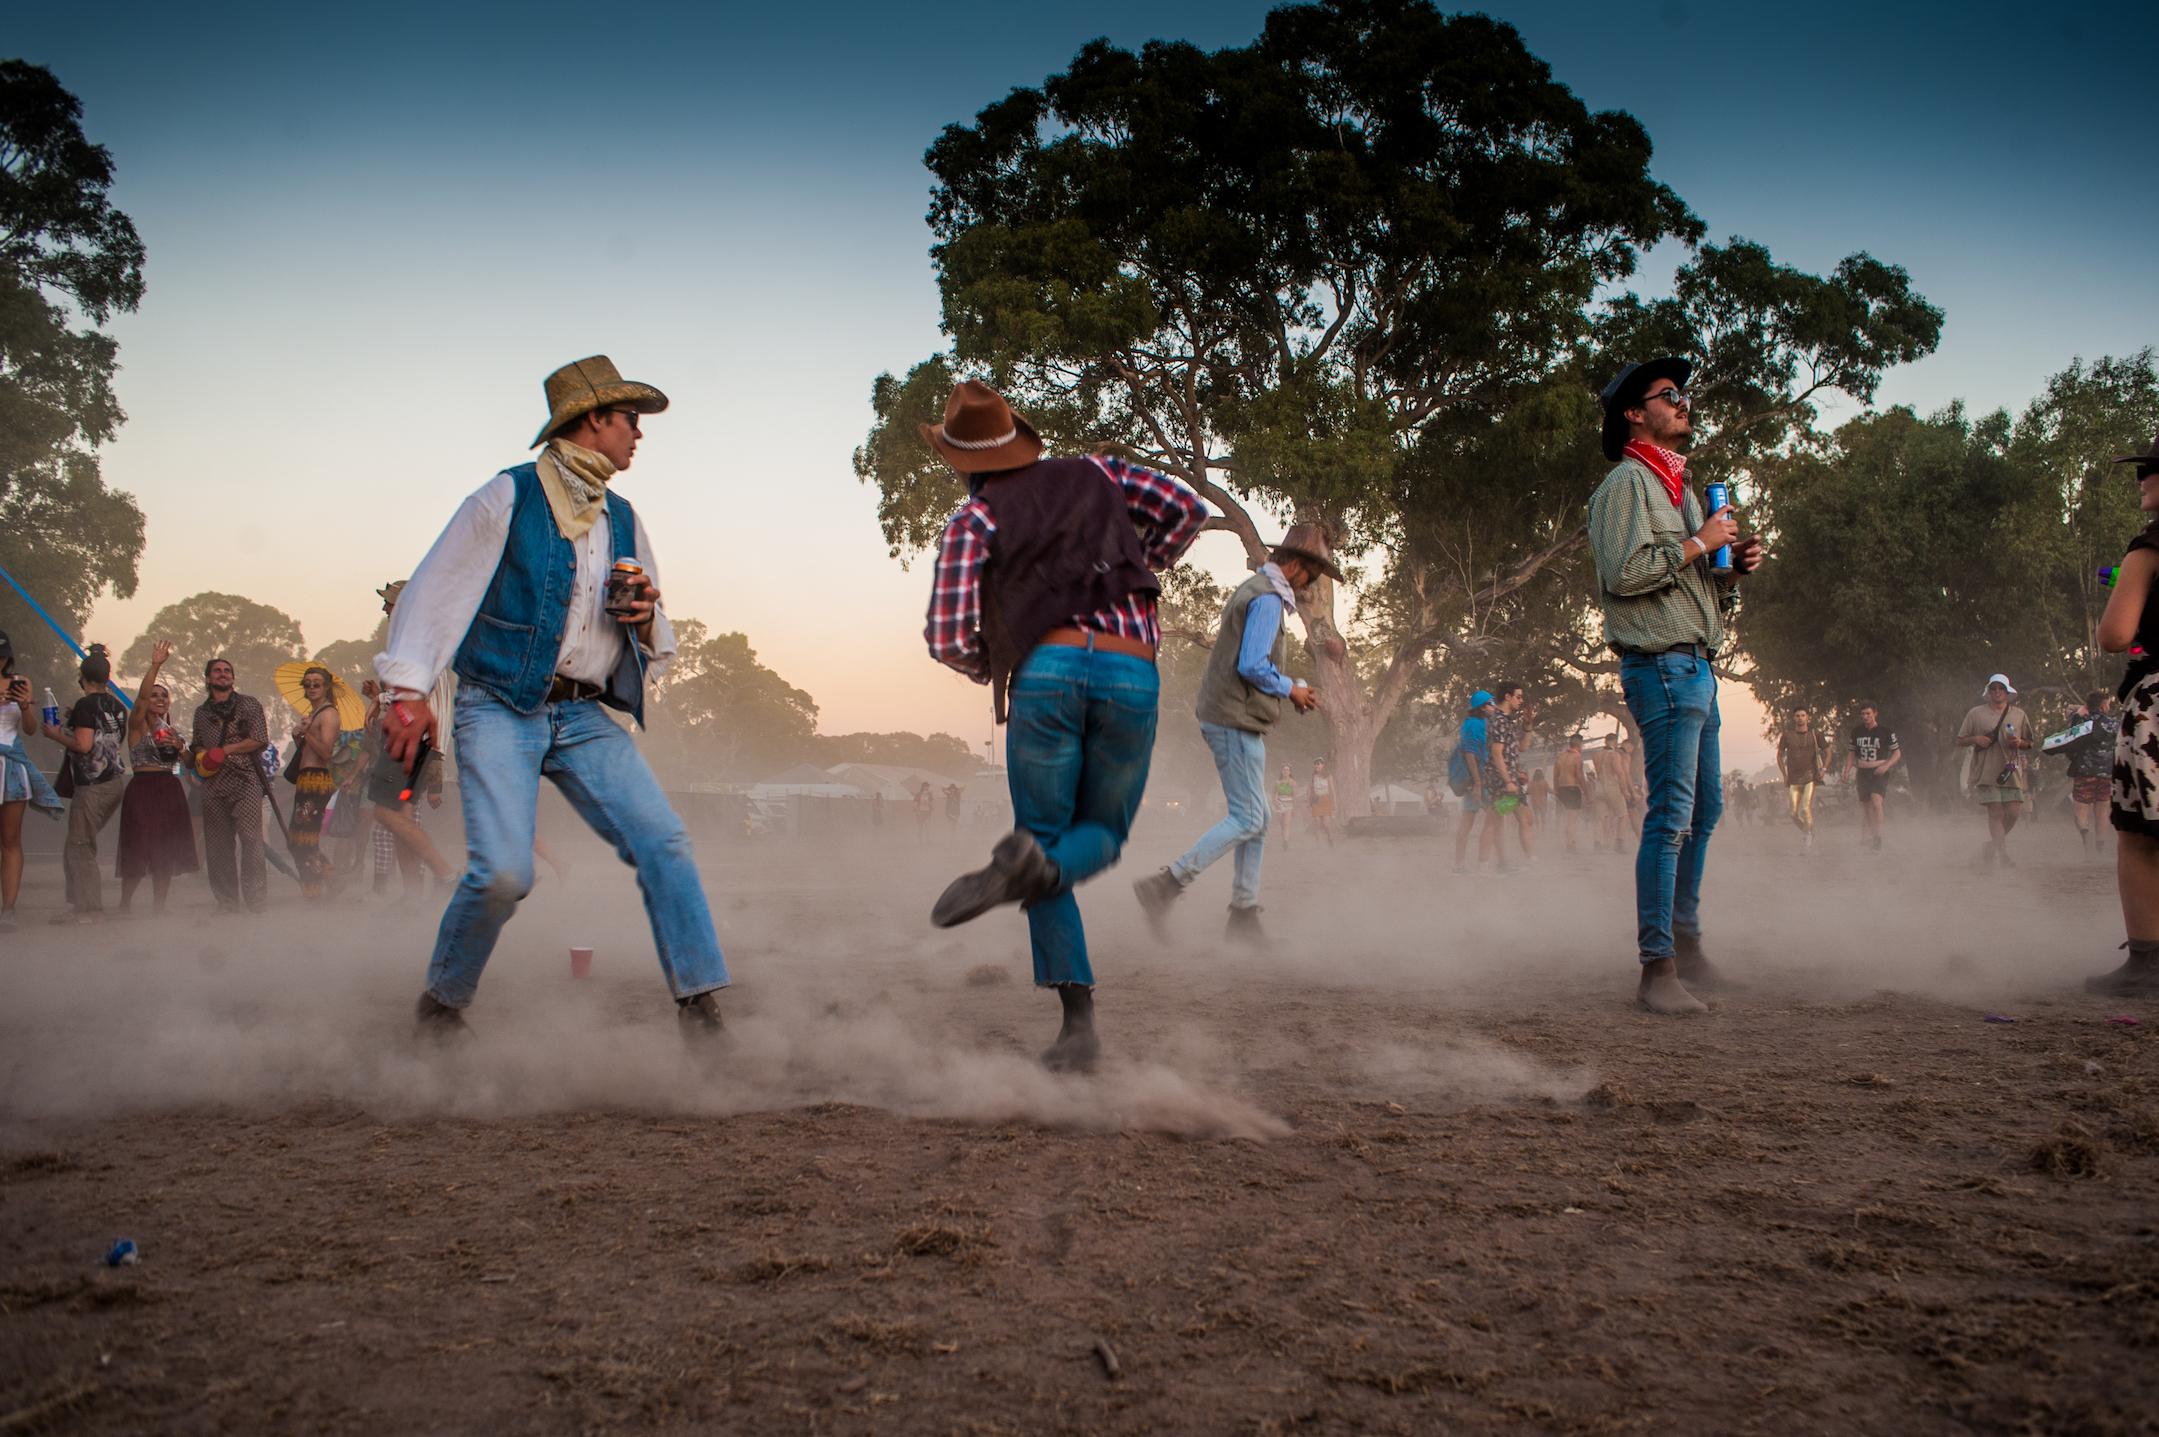 pitch festival cowboy trolleyd.jpg